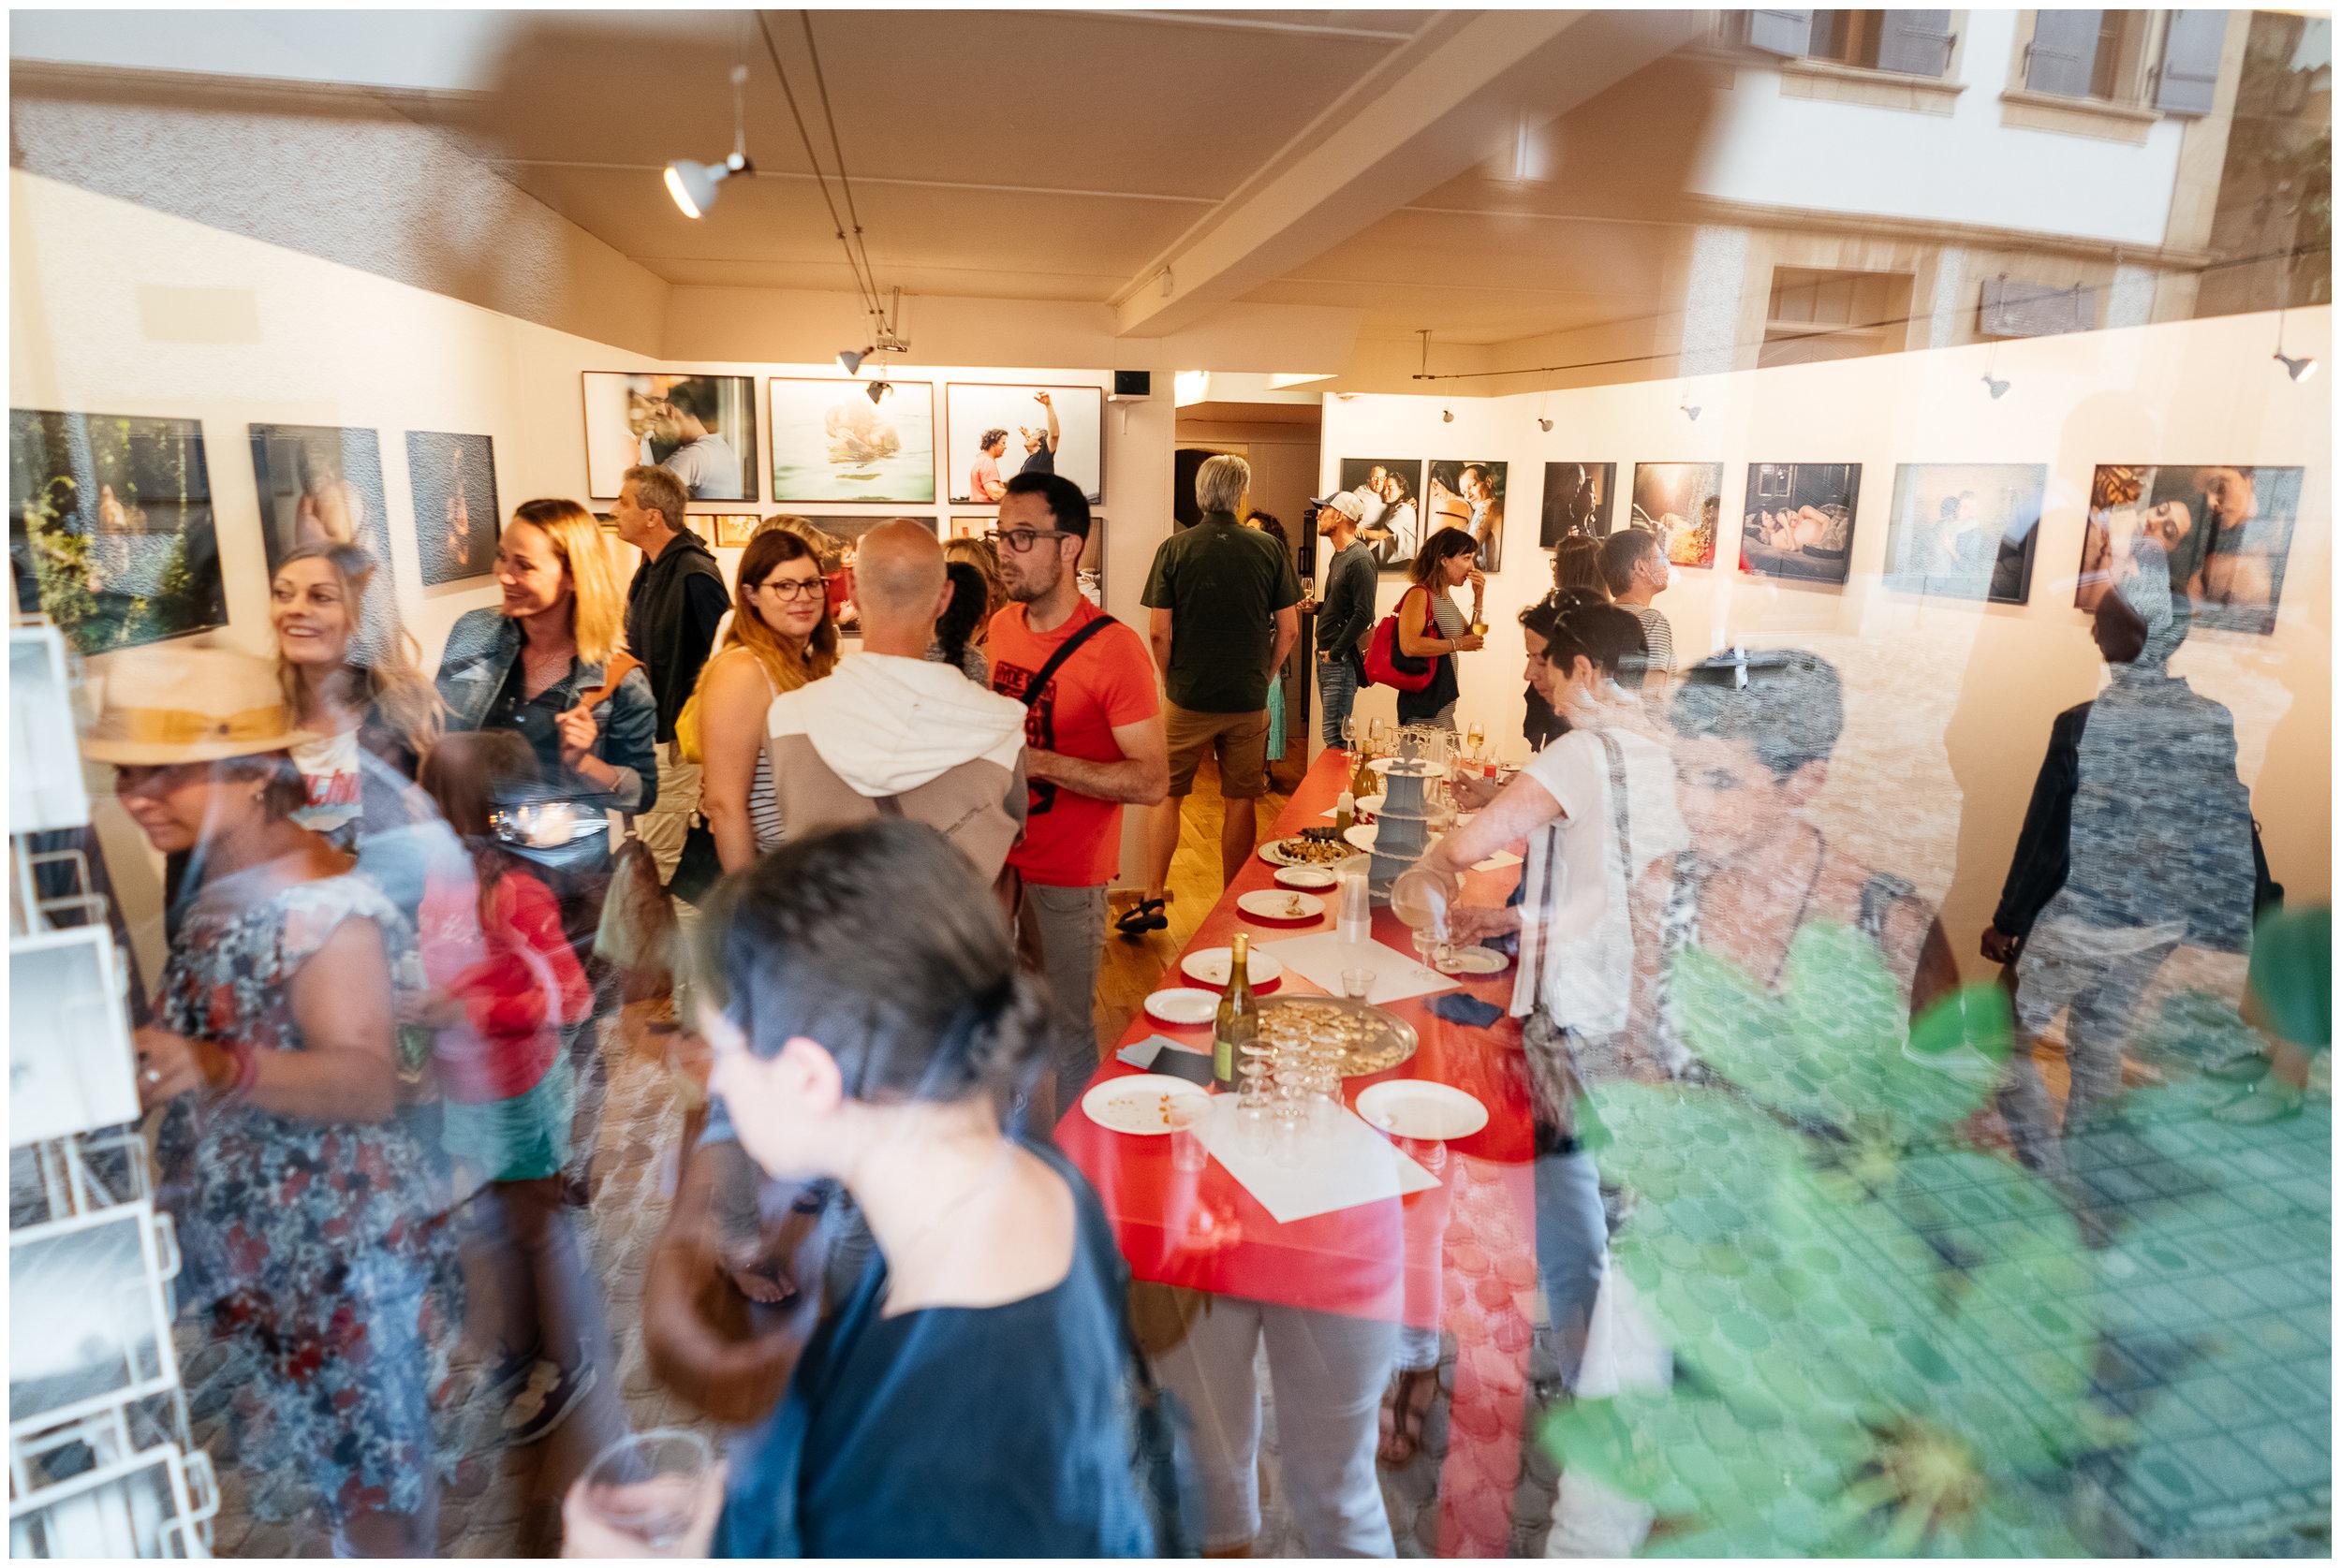 Vernissage à la galerie le 28 juin 2018 - Finissage en musique durant l'Auvernier Jazz Festival le 25 aout à 15h30